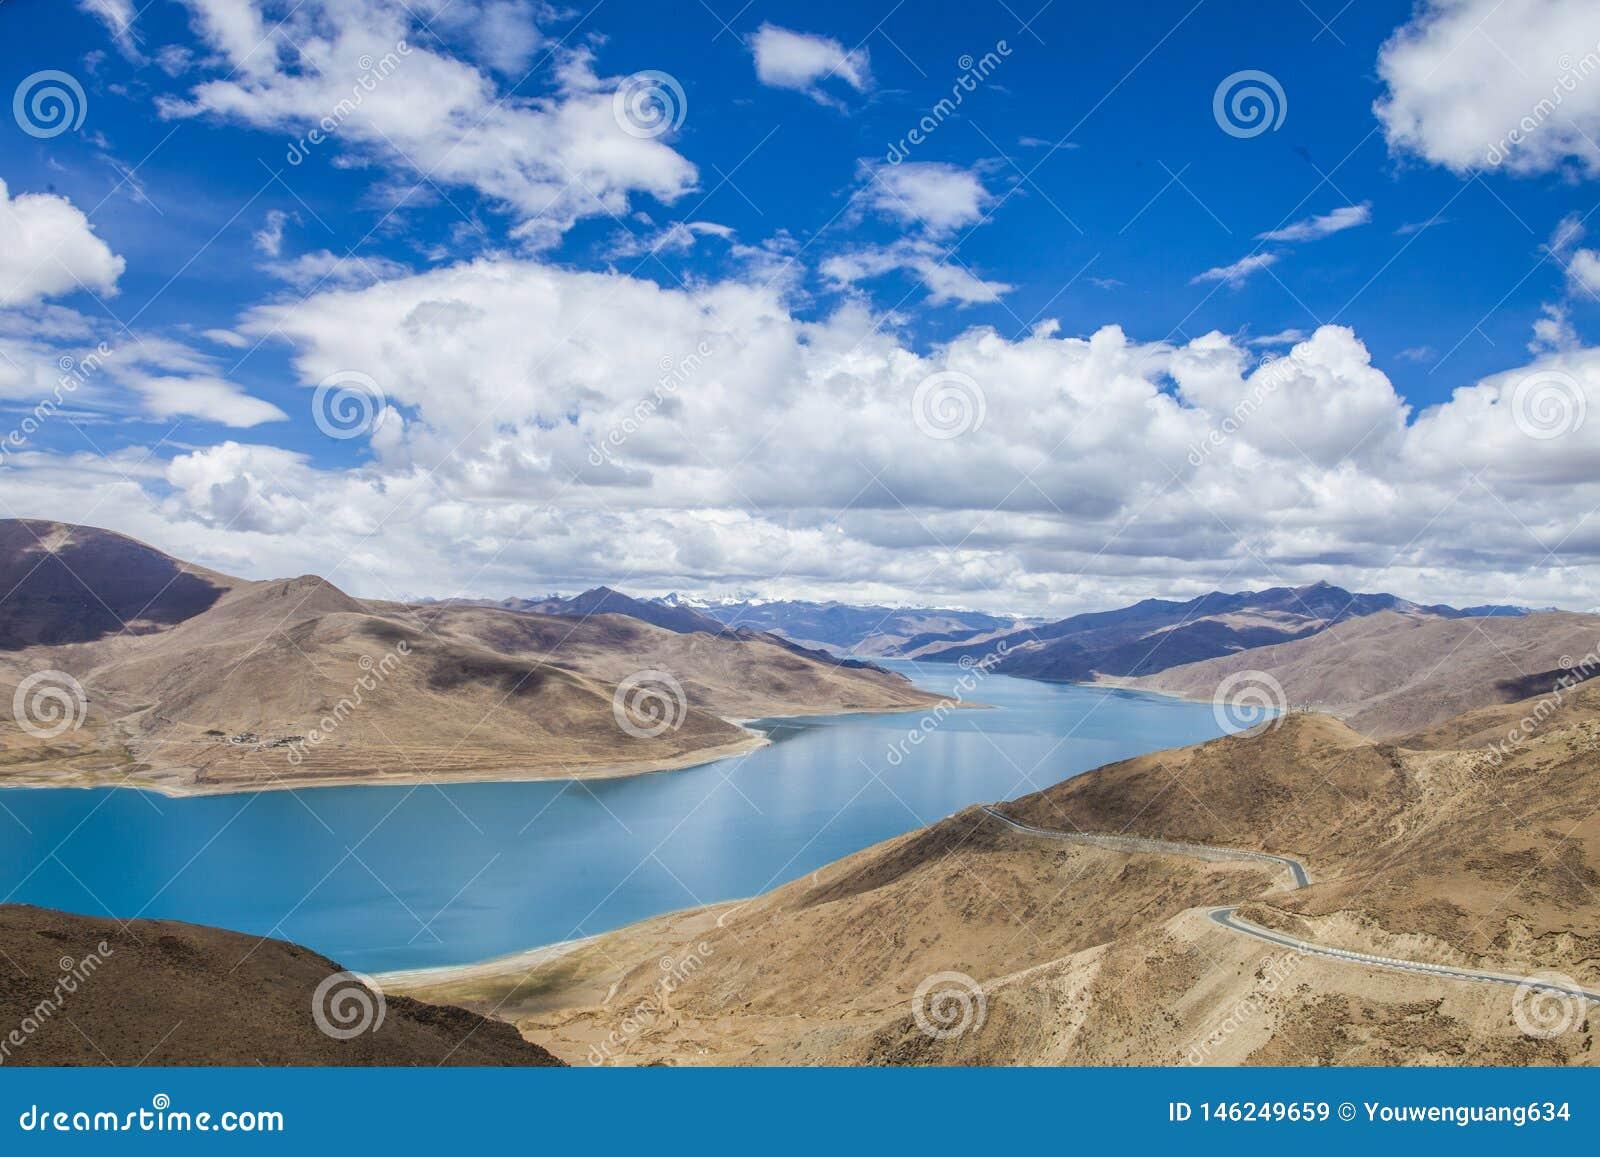 La terre, rivière, ciel bleu et nuages blancs